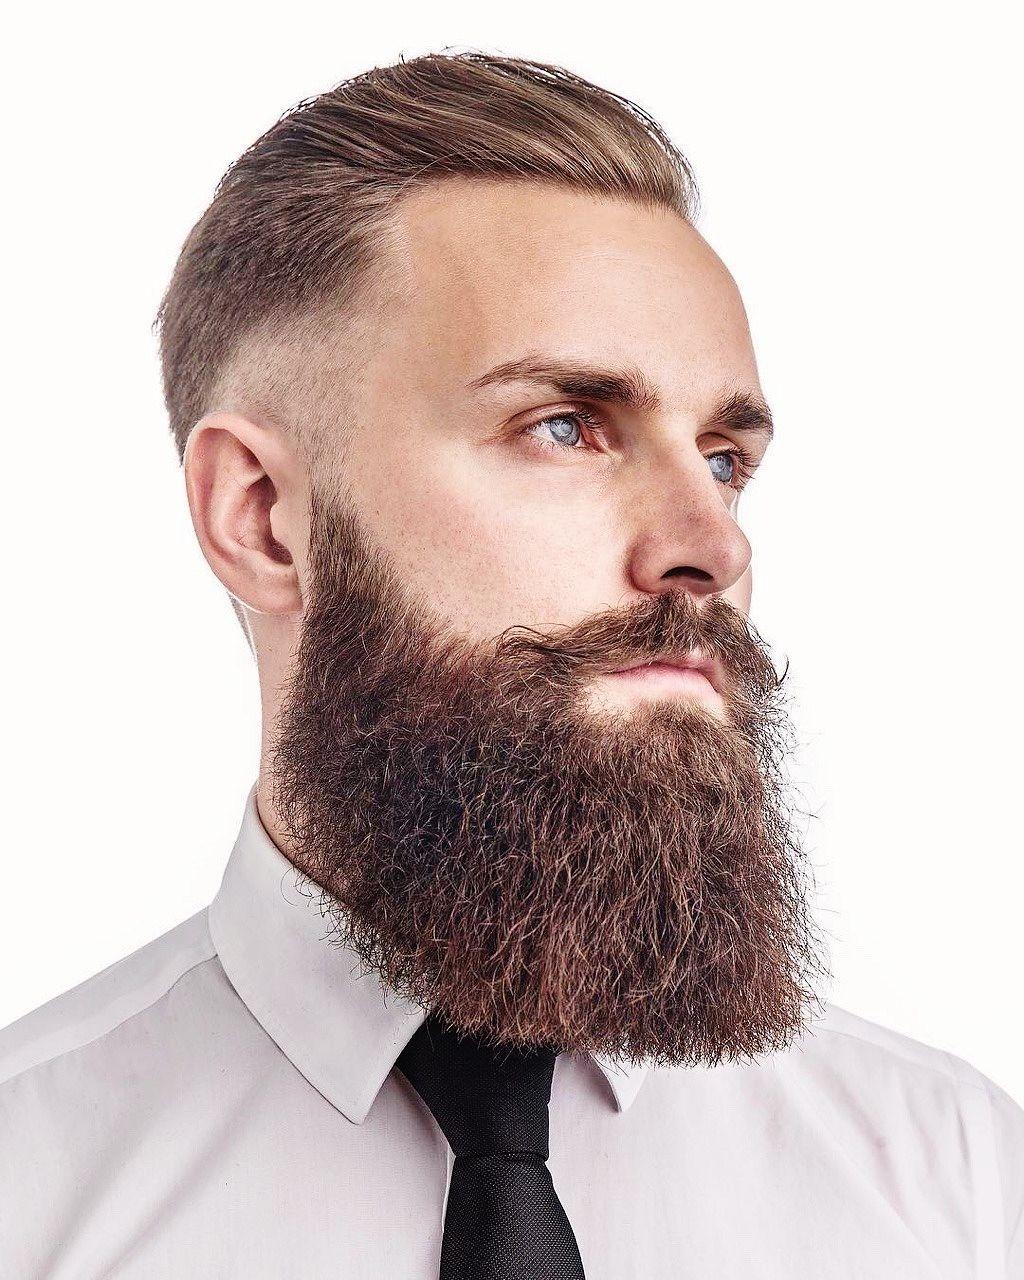 Как быстро растет борода картинки его